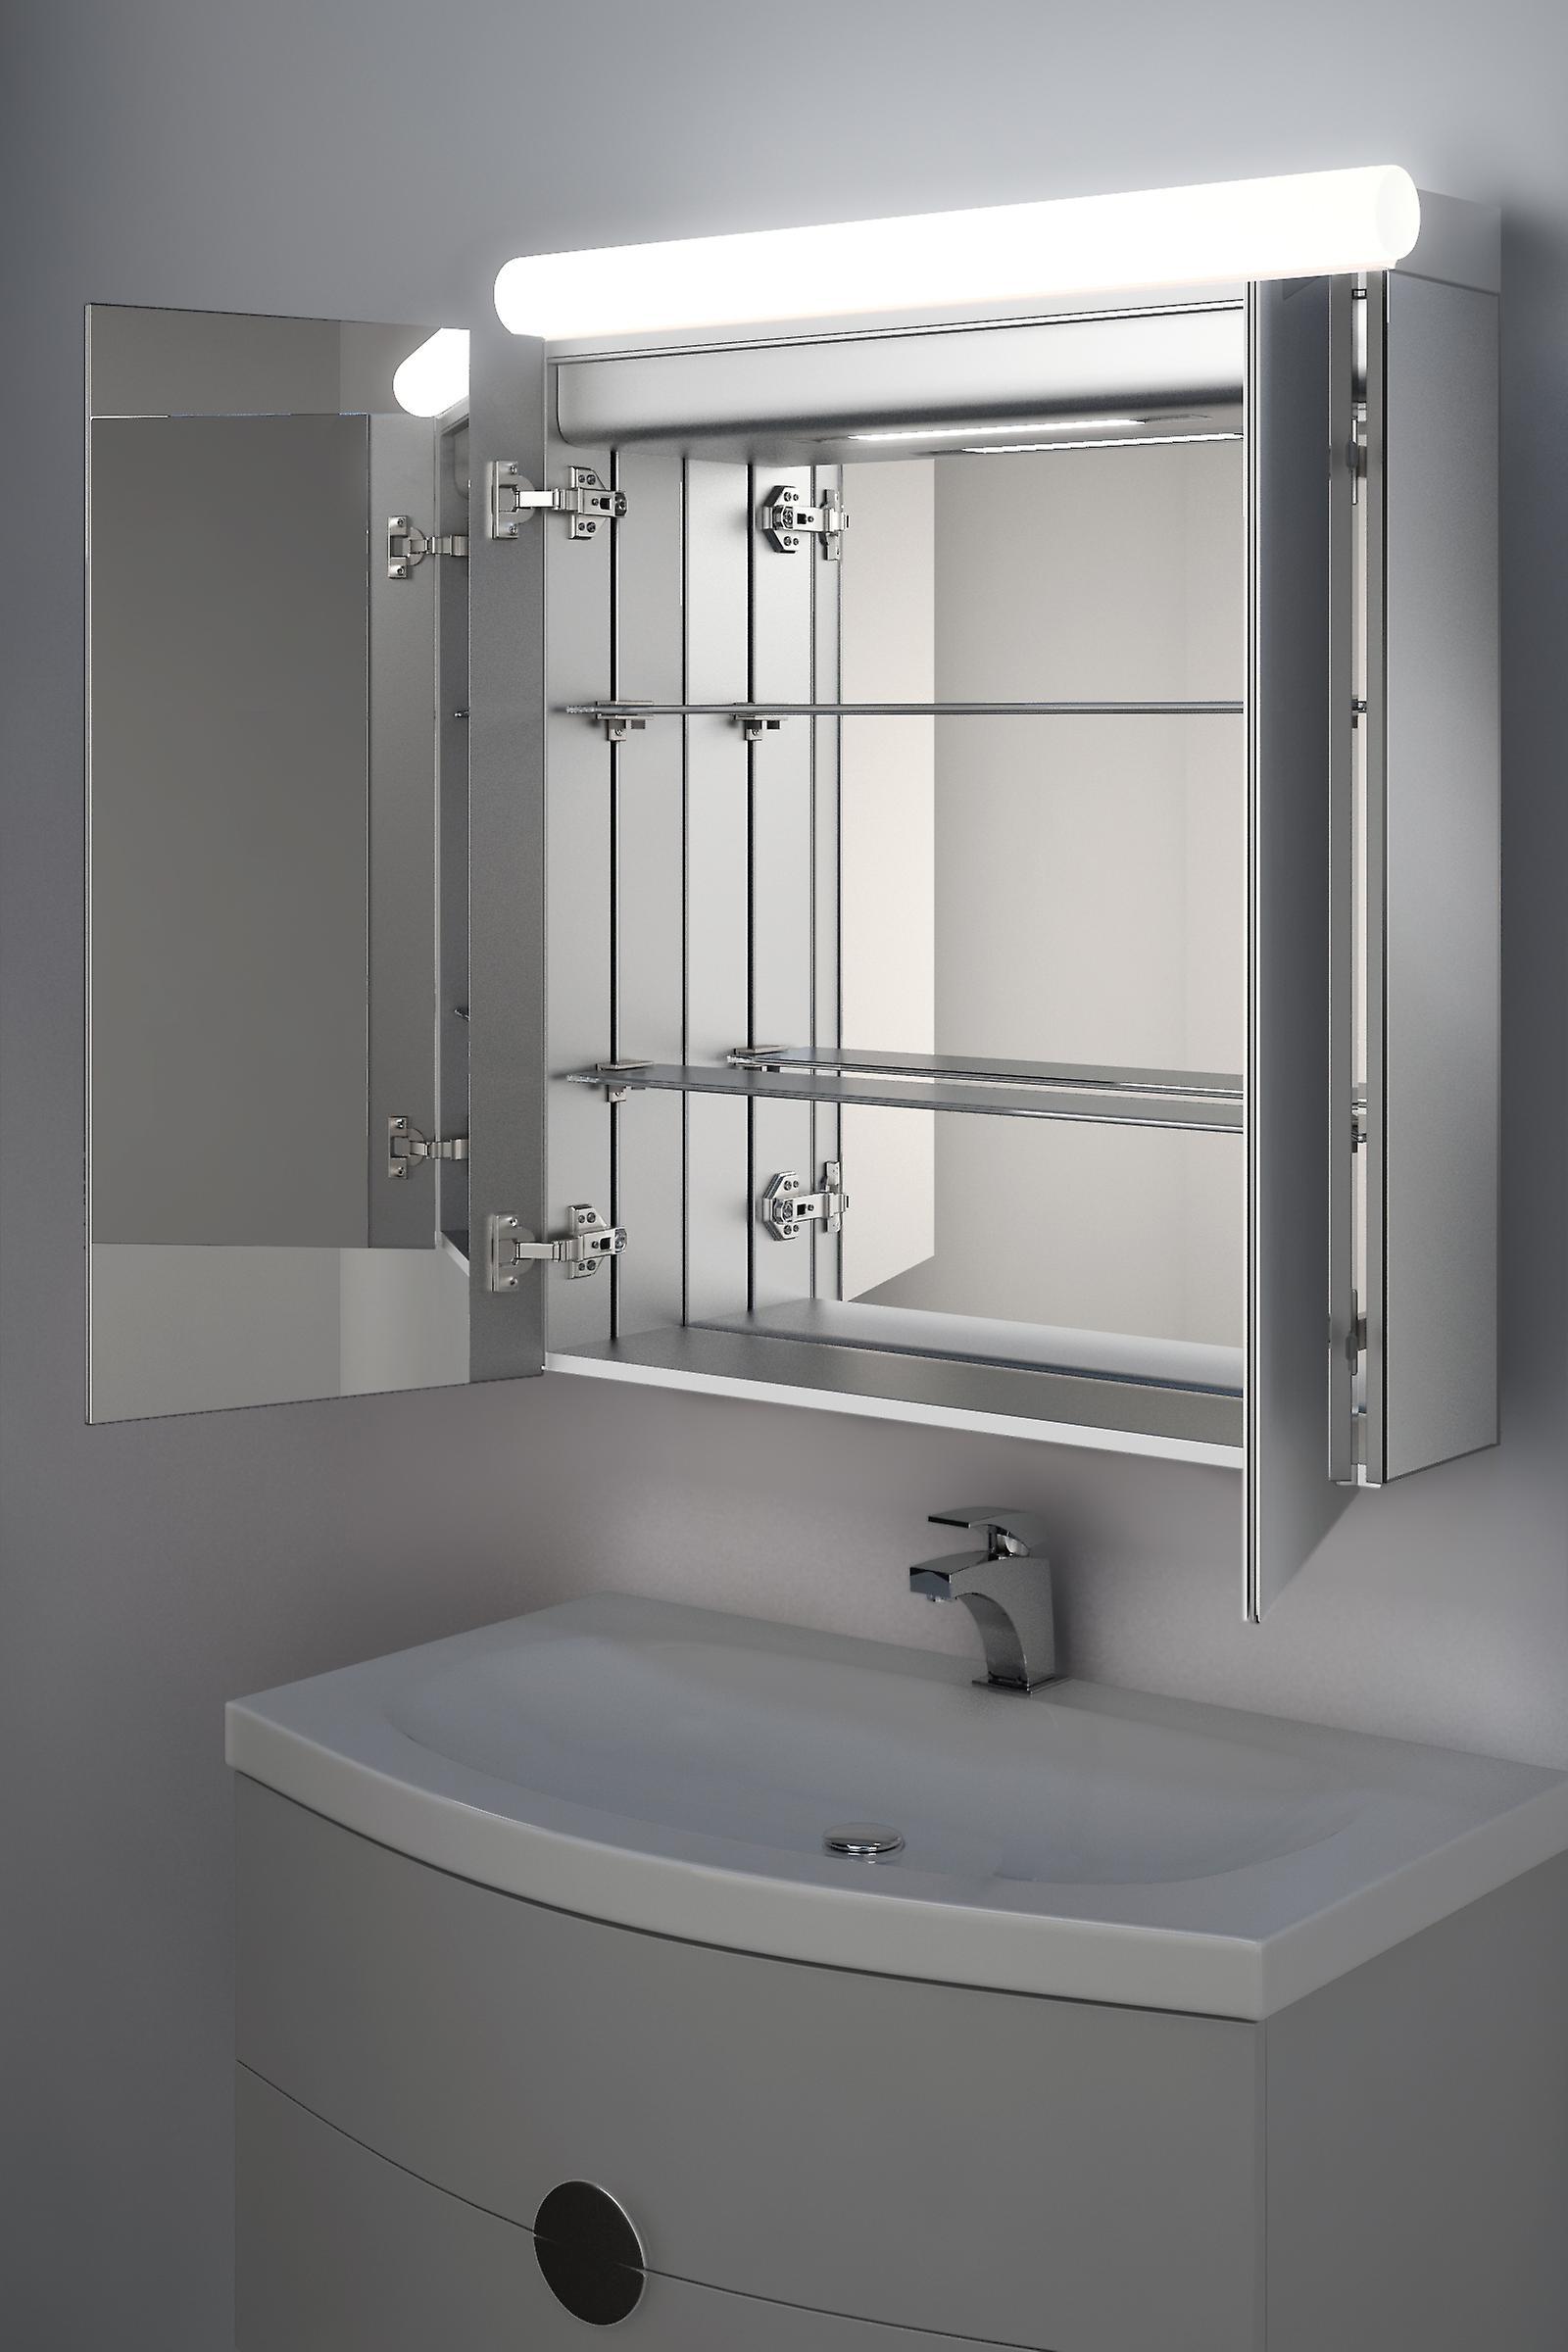 Taniya Top Light Diffuser Cabinet with Sensor, Shaver & Demister k505